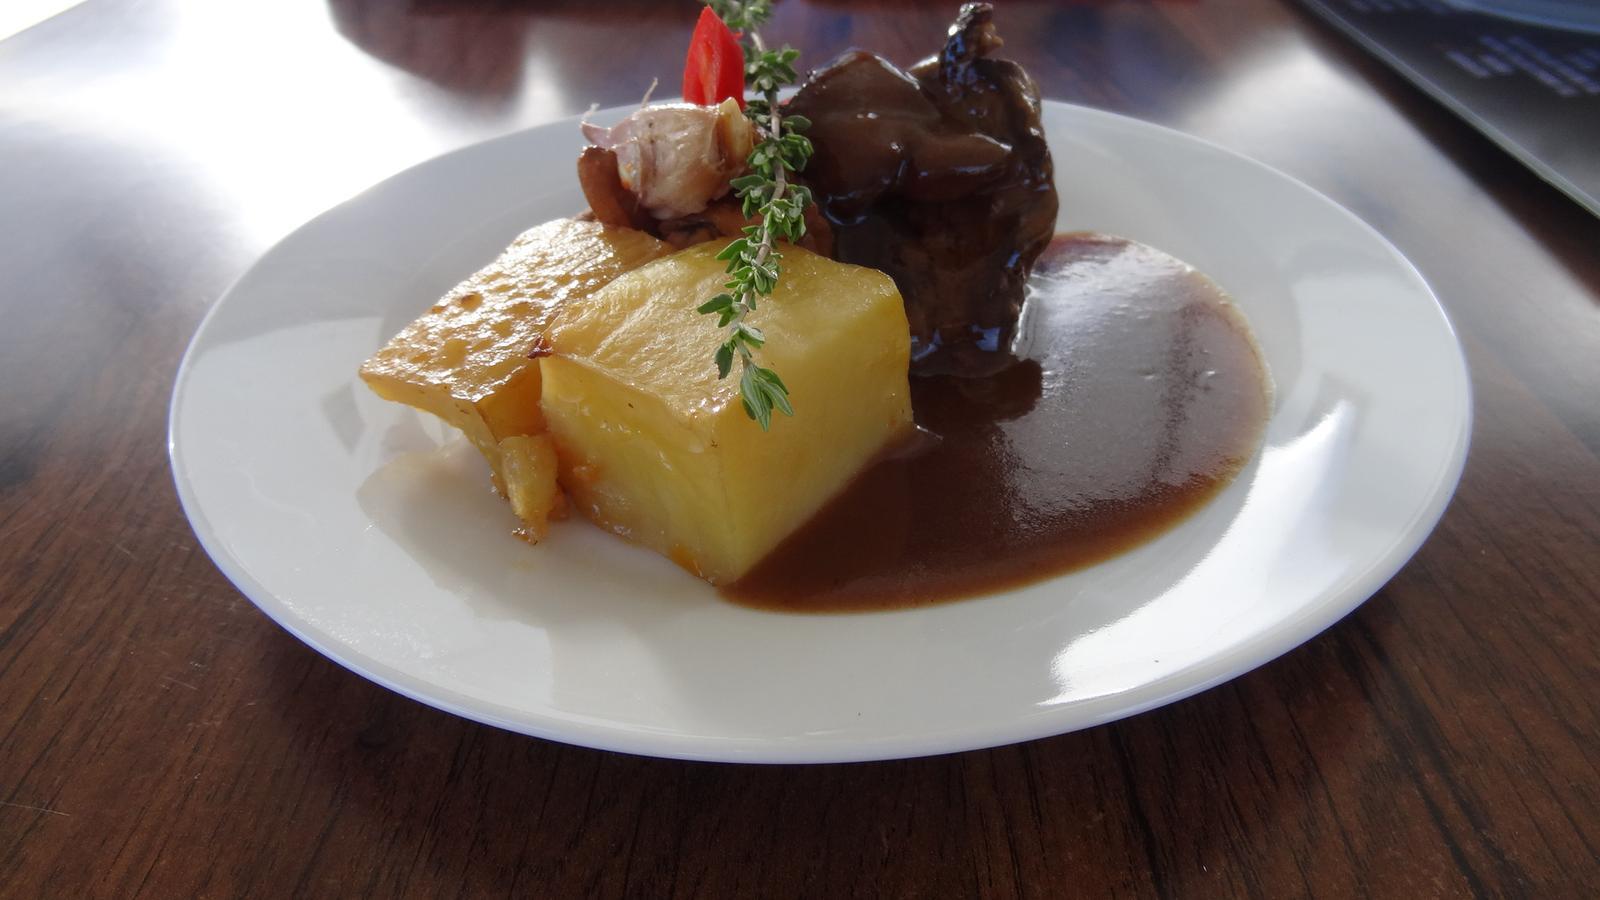 Degustační požitek - Grilovaný hovězí steak z naší vyzrálé květové špičky Black Angus, podávaný s kachními foie gras, glazovanými liškami a česnekovým konfitem, burgundská omáčka, pečené bramborové fondány